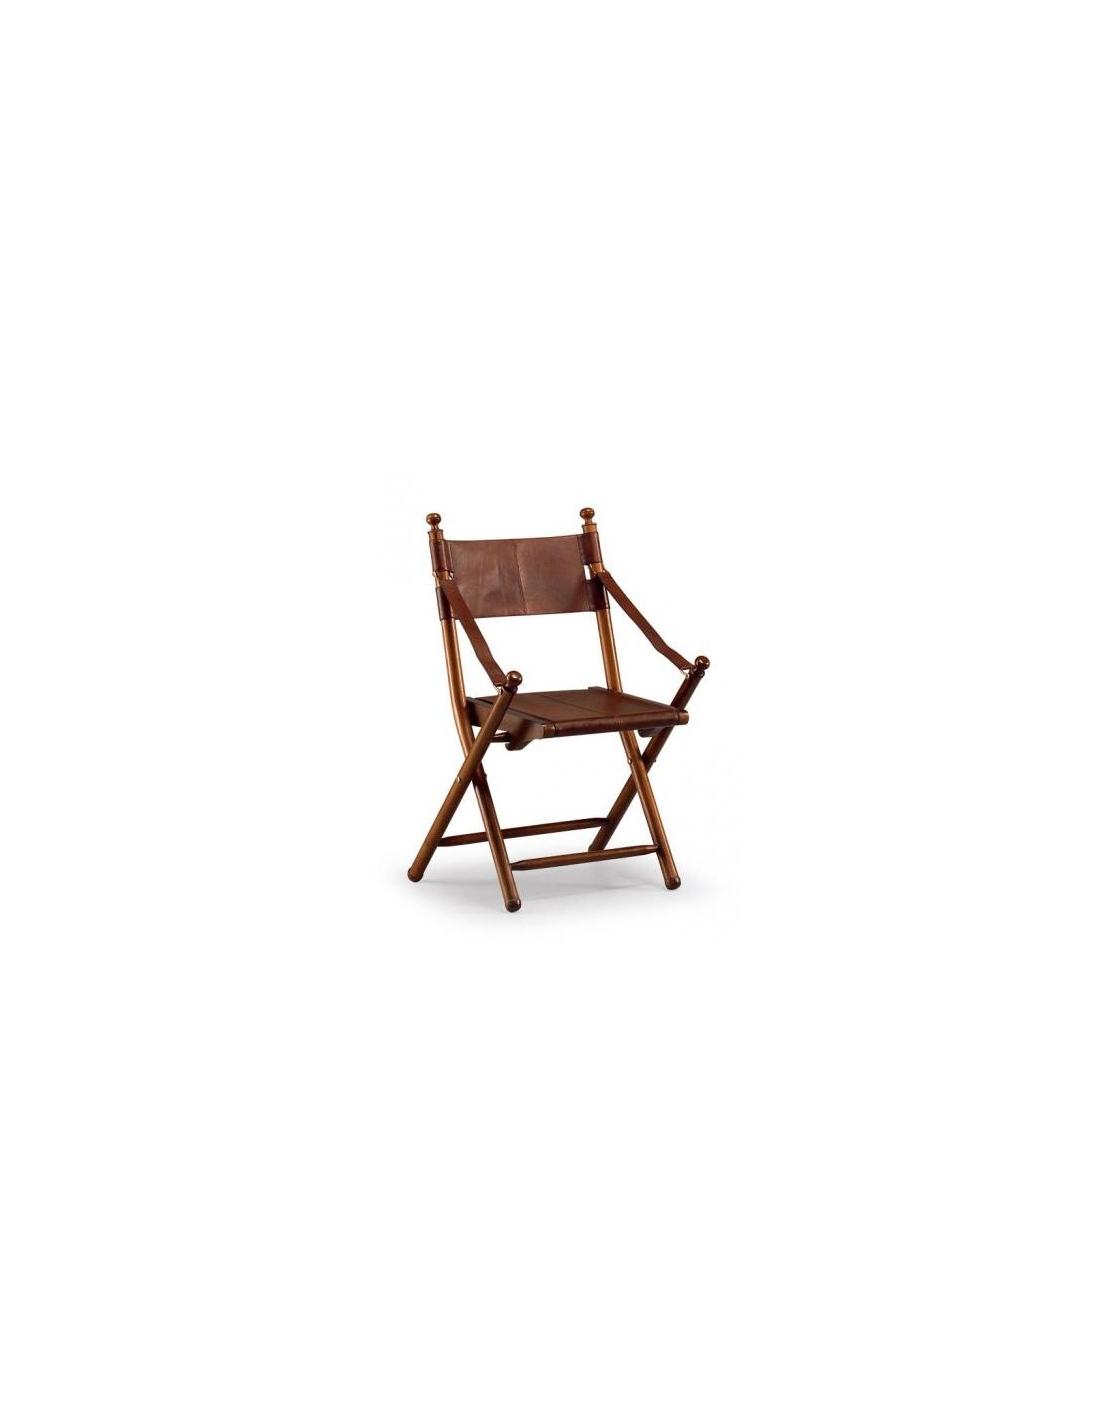 Comprar silla piel tarlton plegable madera y cuero for Silla plegable madera